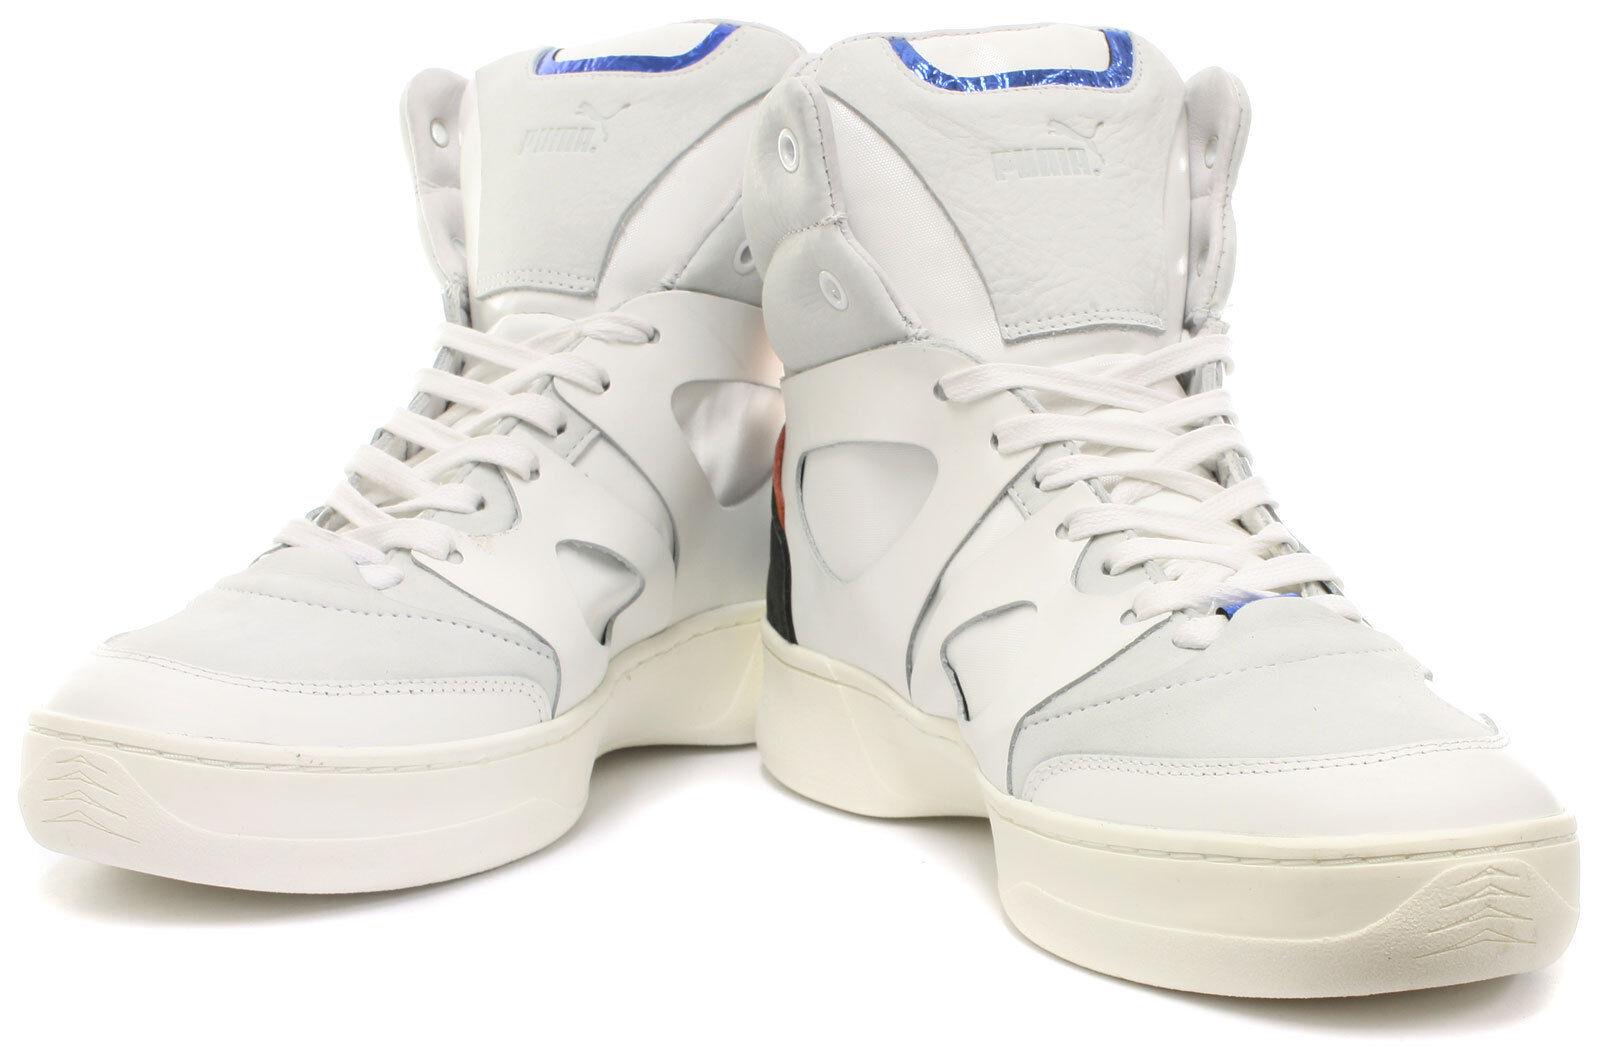 Puma Men's Alexander McQueen Move MID Fashion scarpe da ginnastica 358929-01 Made in